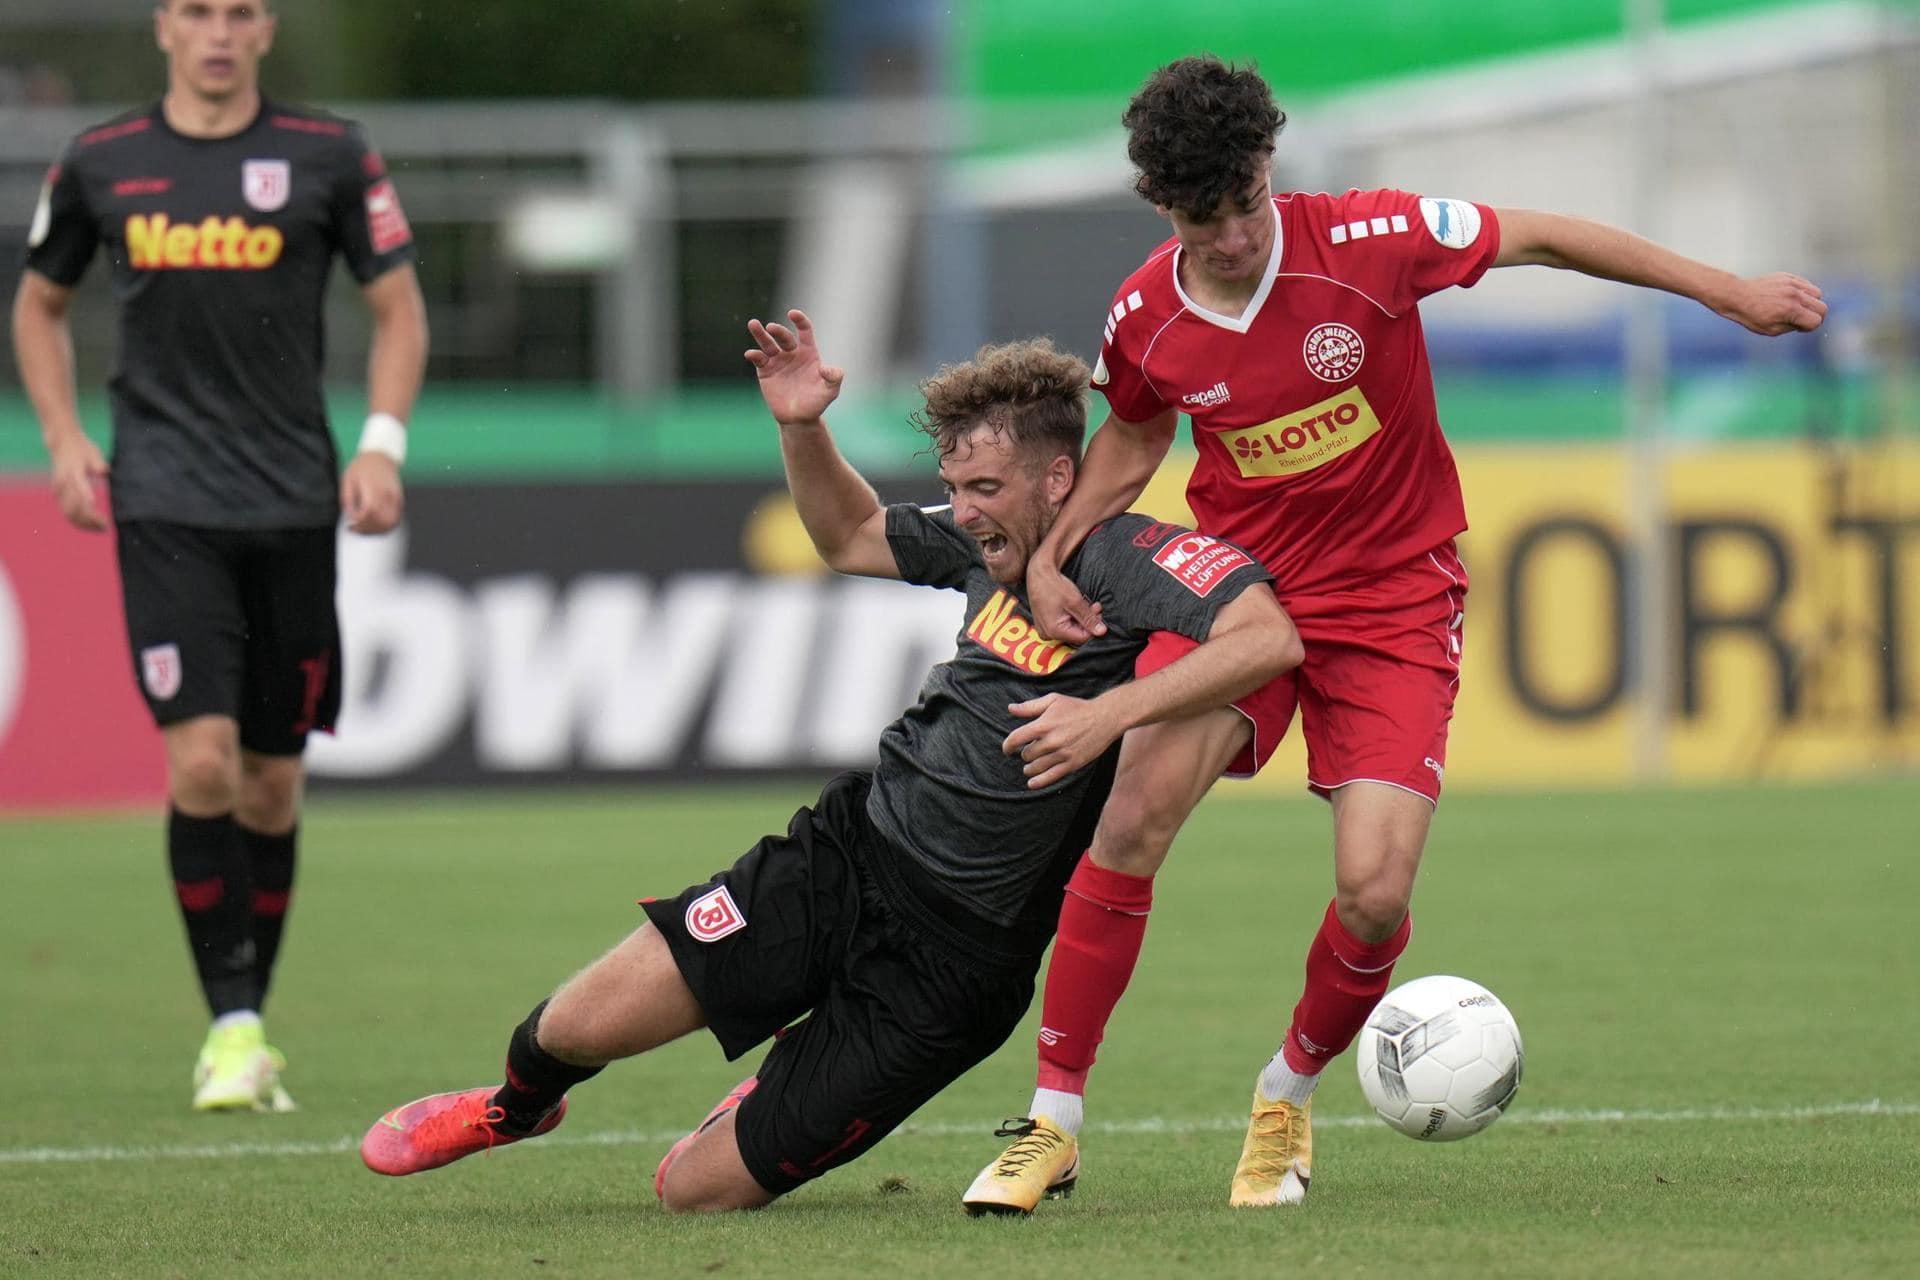 Regensburg im Pokal souverän weiter 3:0-Sieg bei Koblenz